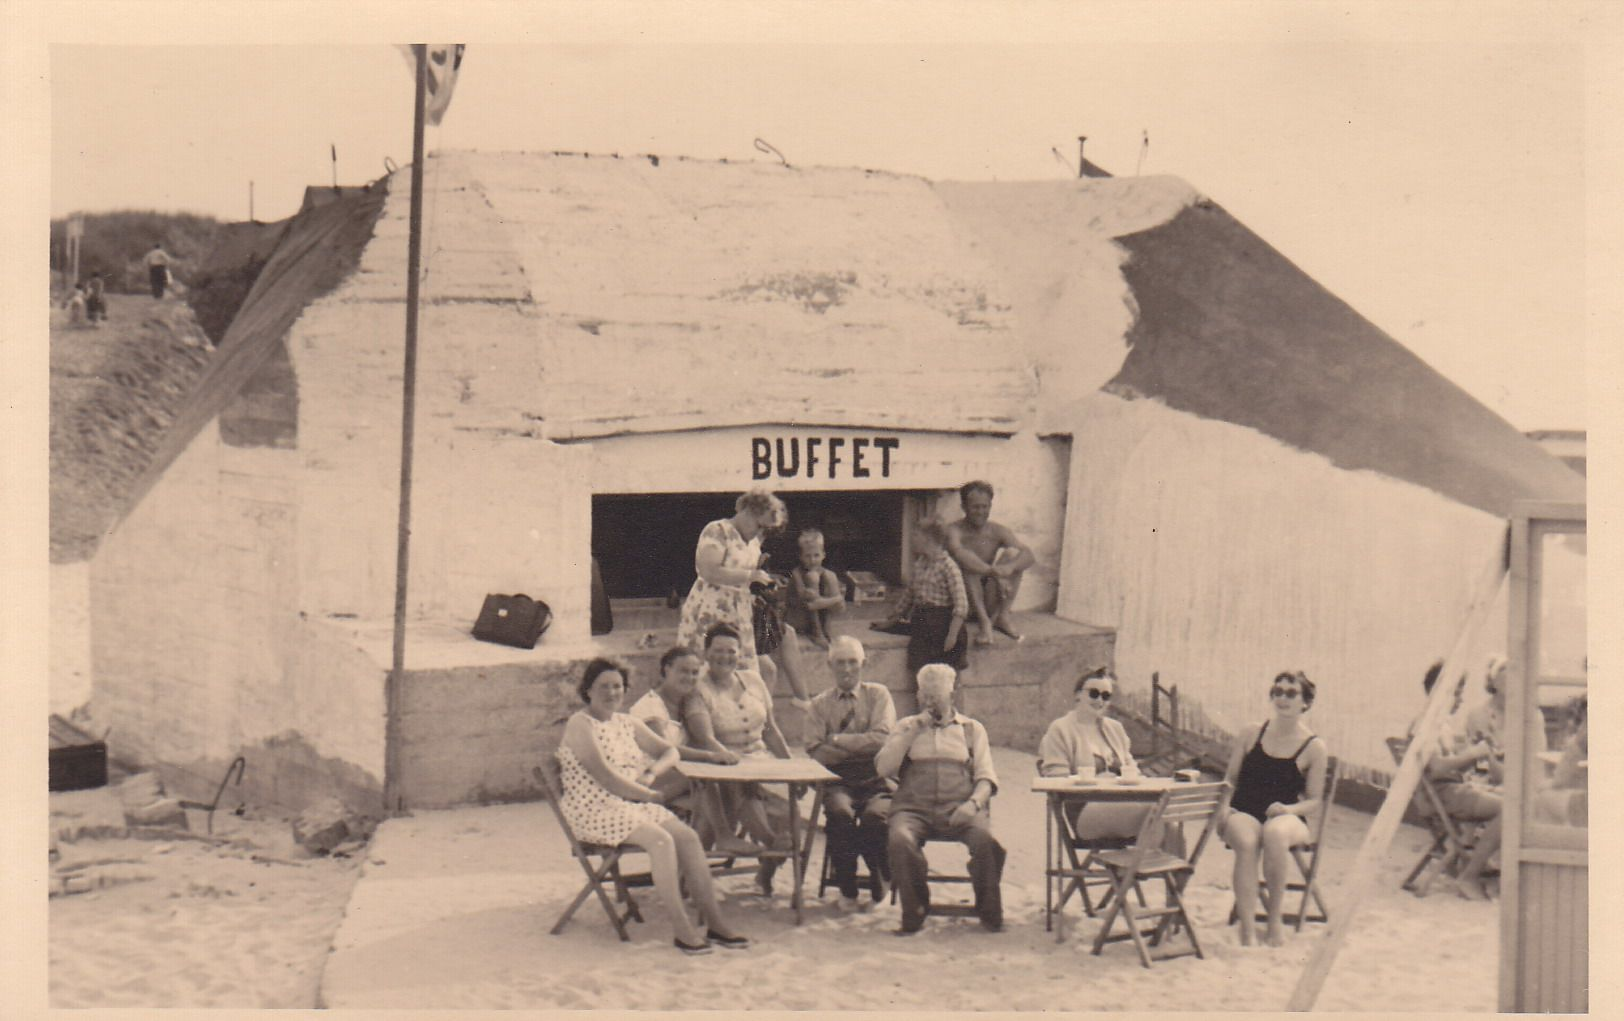 Foto: collectie Cor Kuip, afkomstig van mevrouw Maas-Drach.